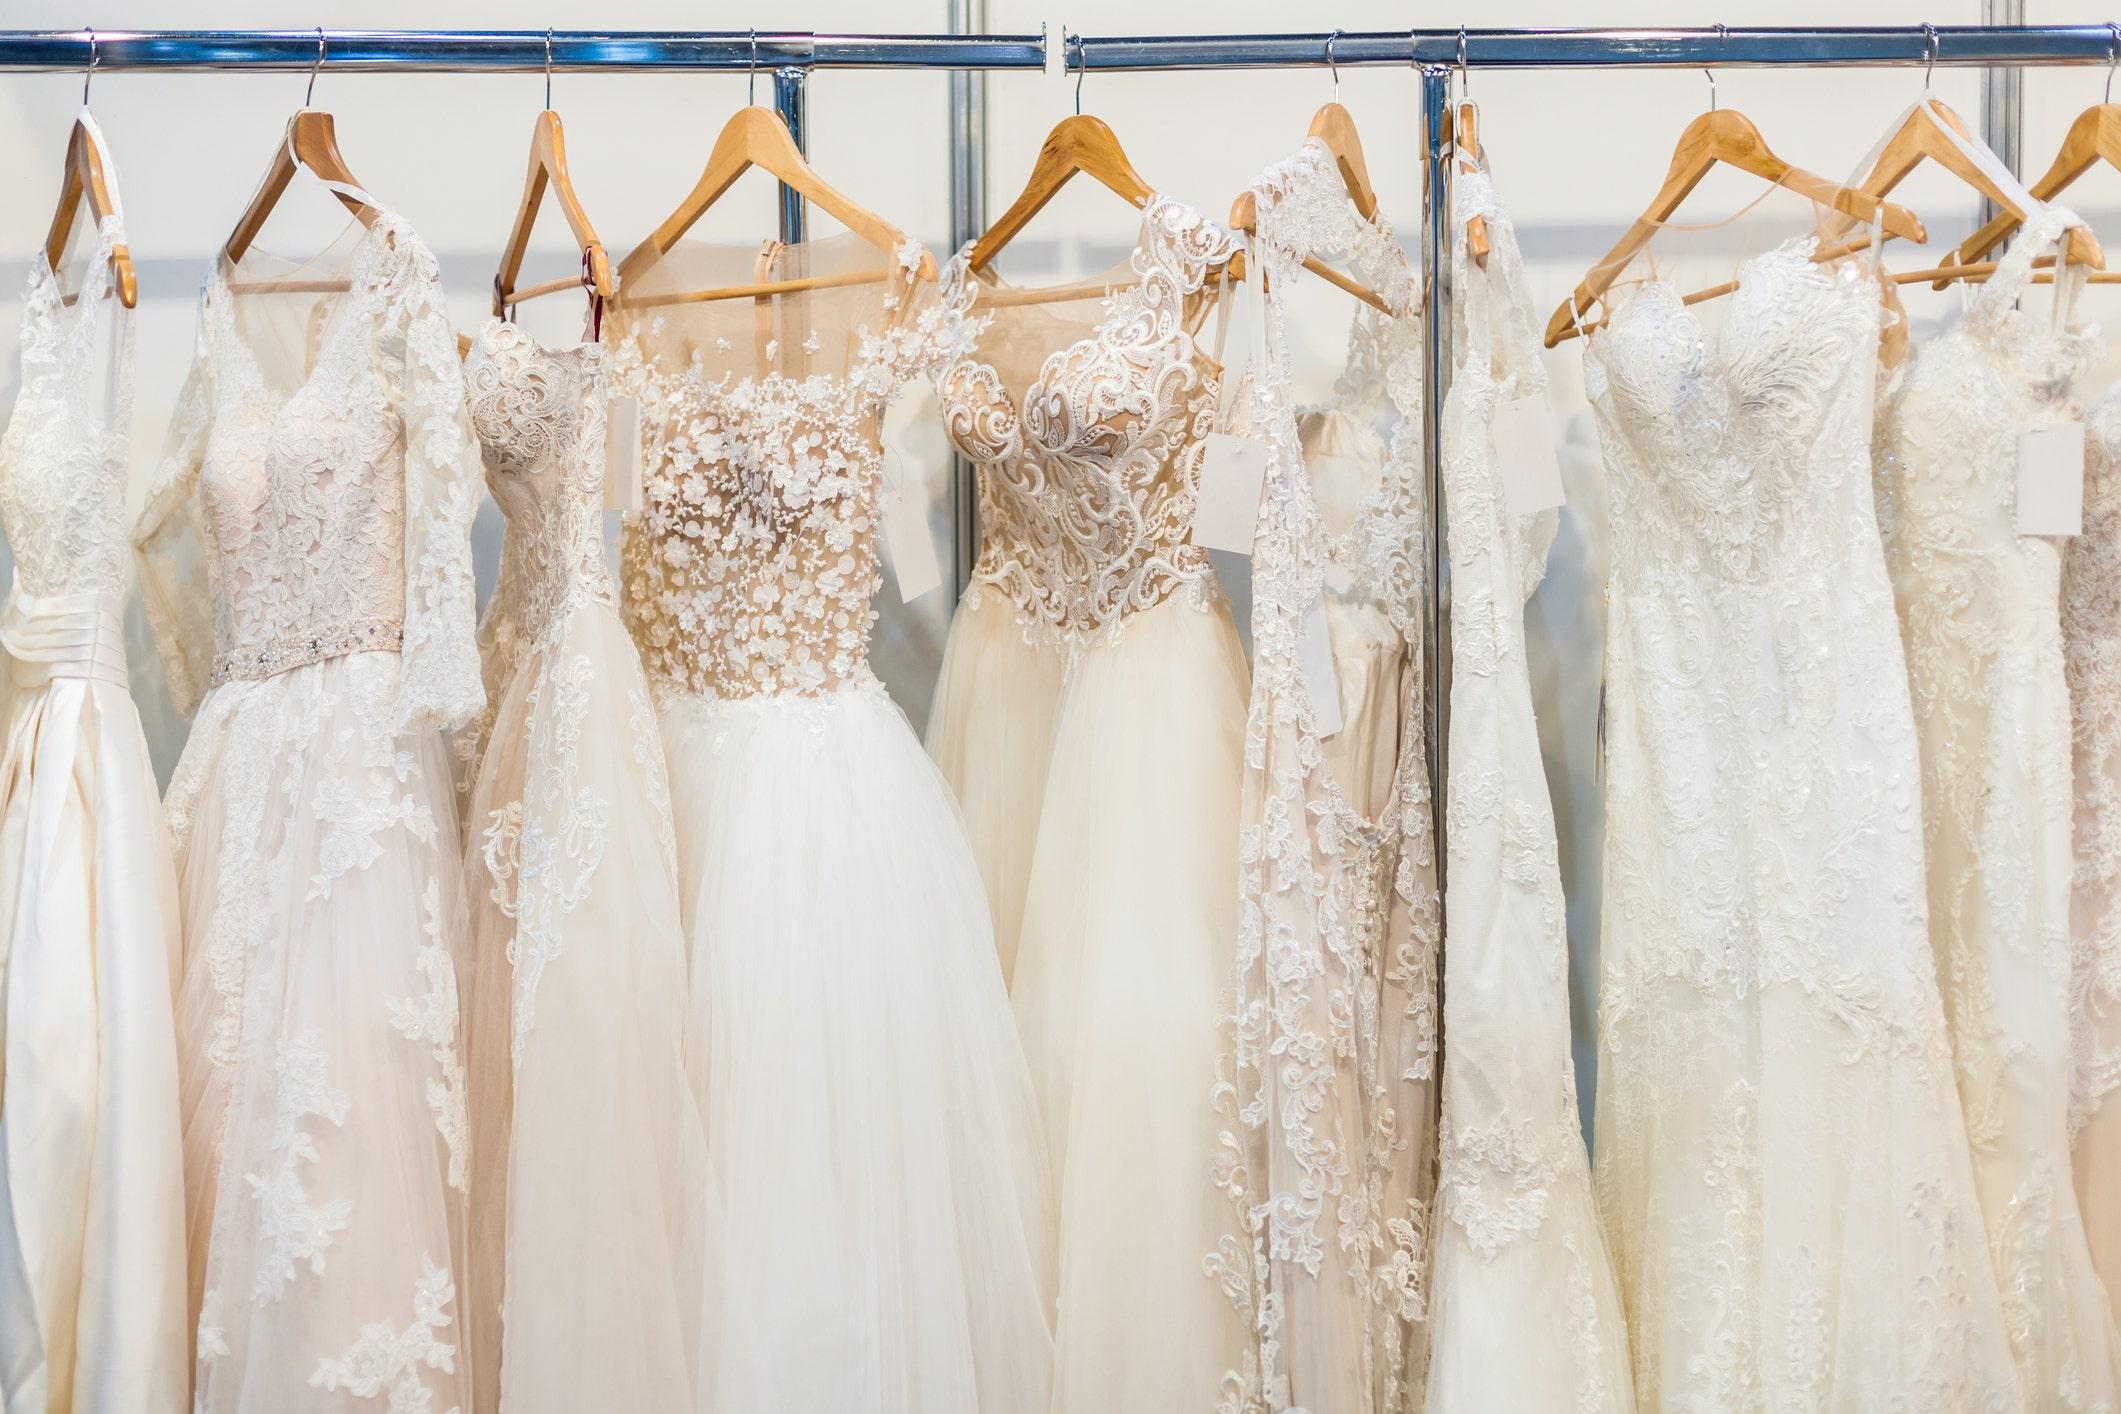 Bride-to-be klaim teman mencuri 'mimpi gaun pengantin' setelah menampilkan foto-fotonya itu